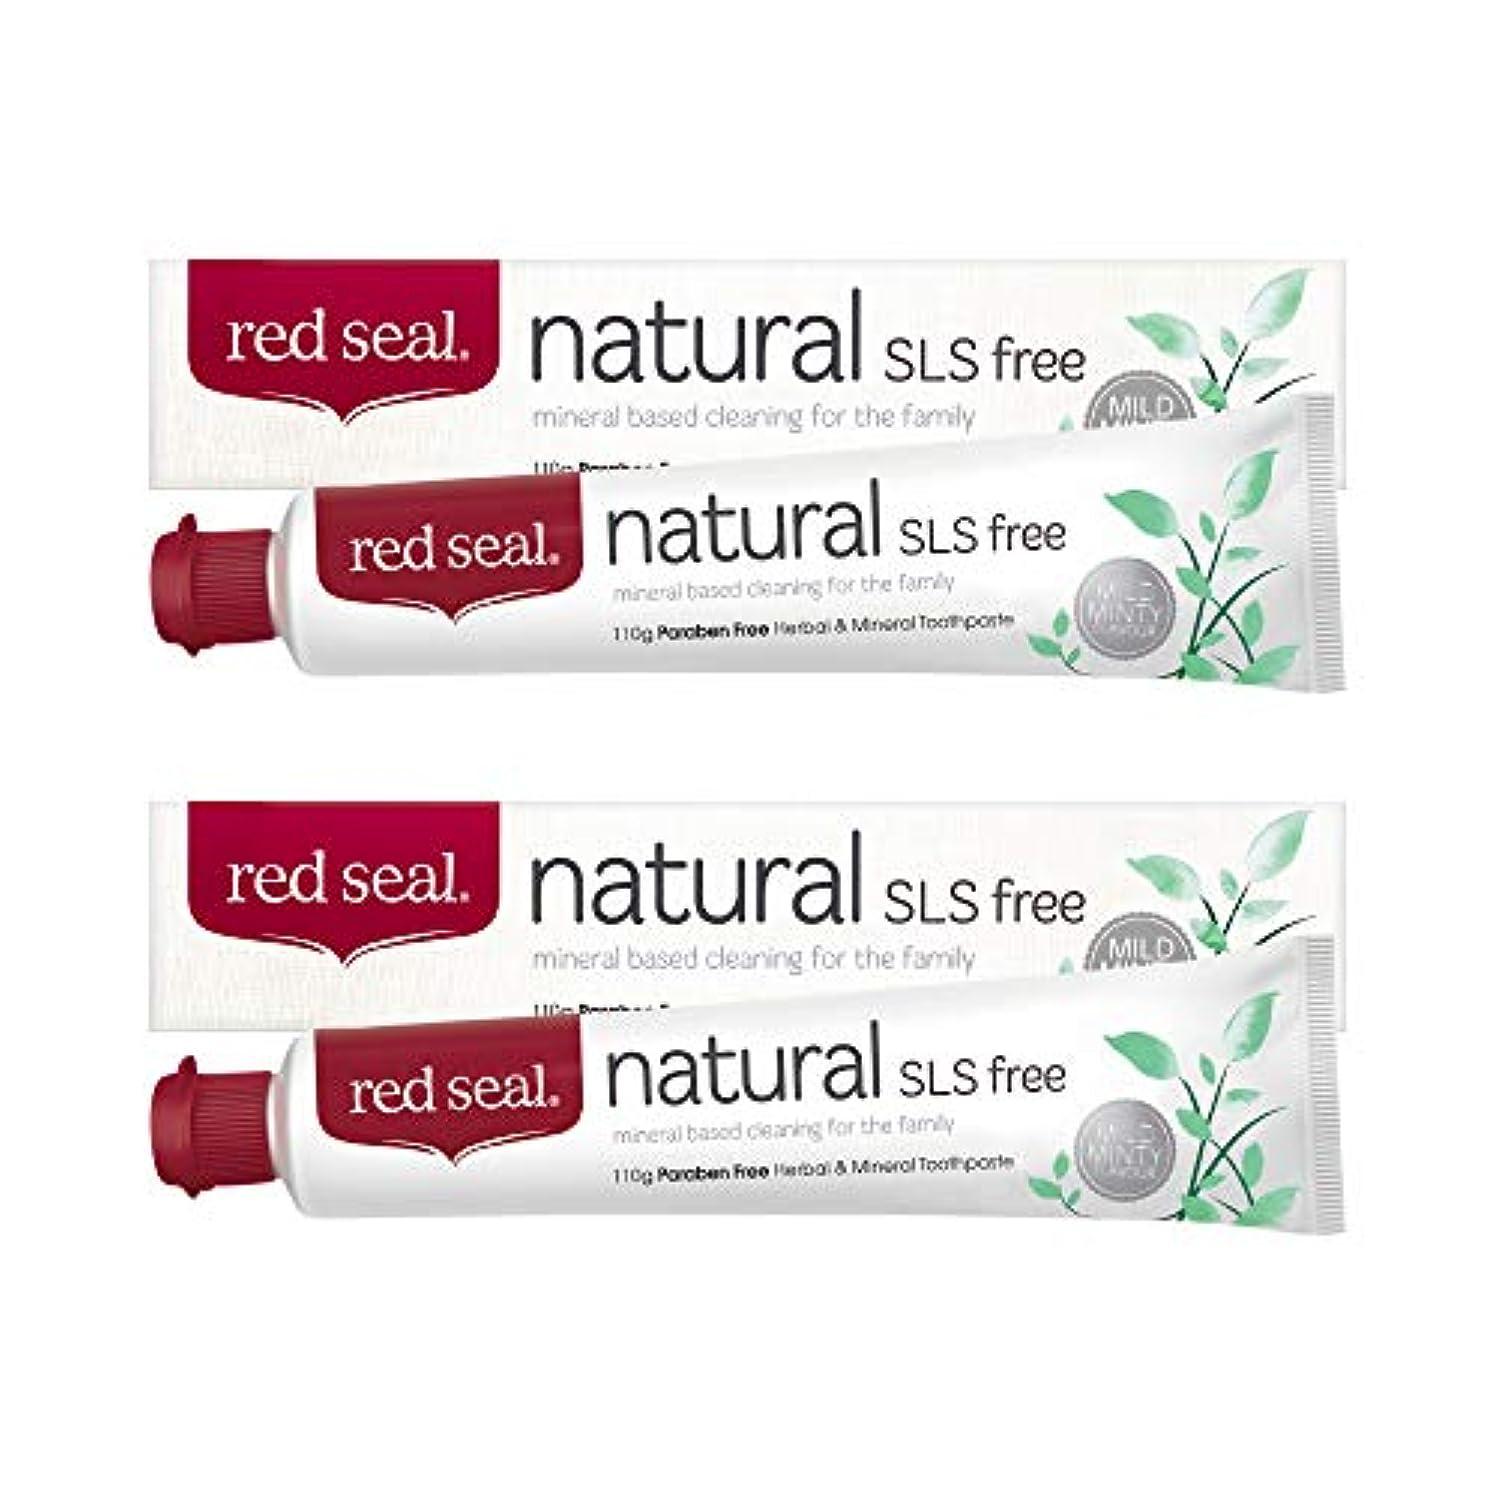 バイナリ代理人おそらくレッドシール 歯磨き粉 ナチュラル SLSフリー 110g × 2本セット [ red seal/propolis ]